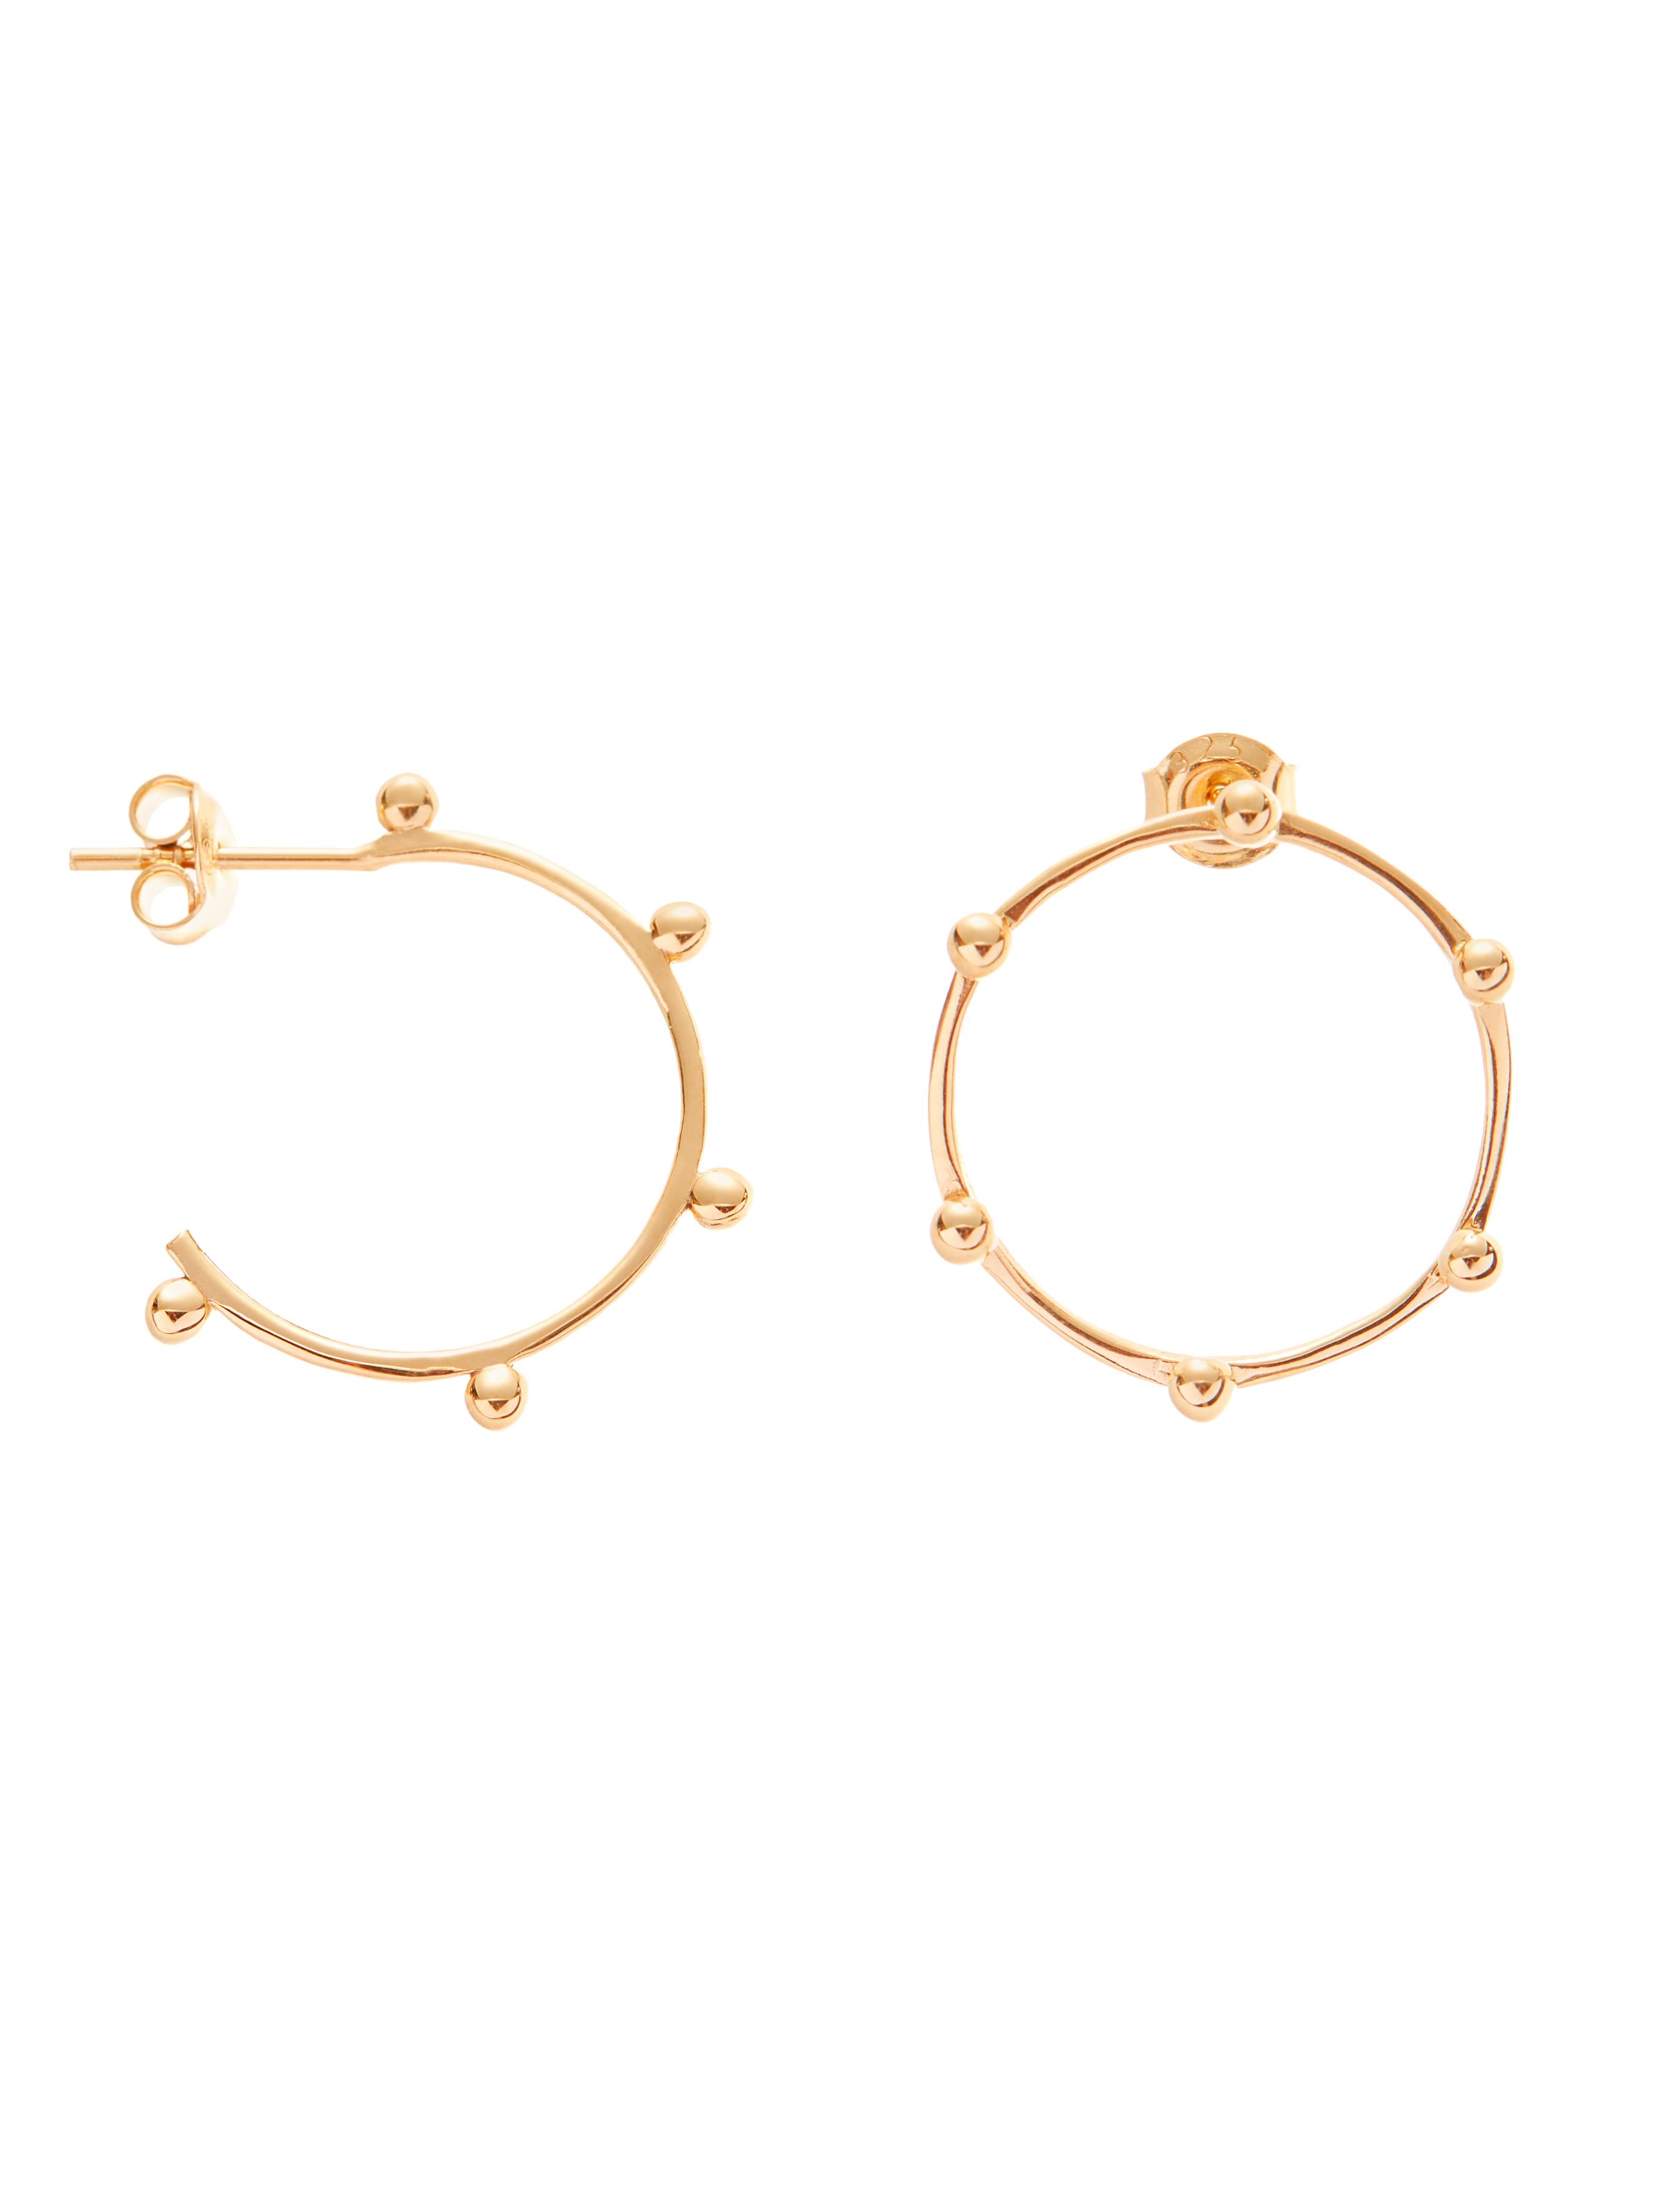 Kolczyki asymetryczne płaskie kółka re7 gold złoto minimalistyczna biżuteria moie